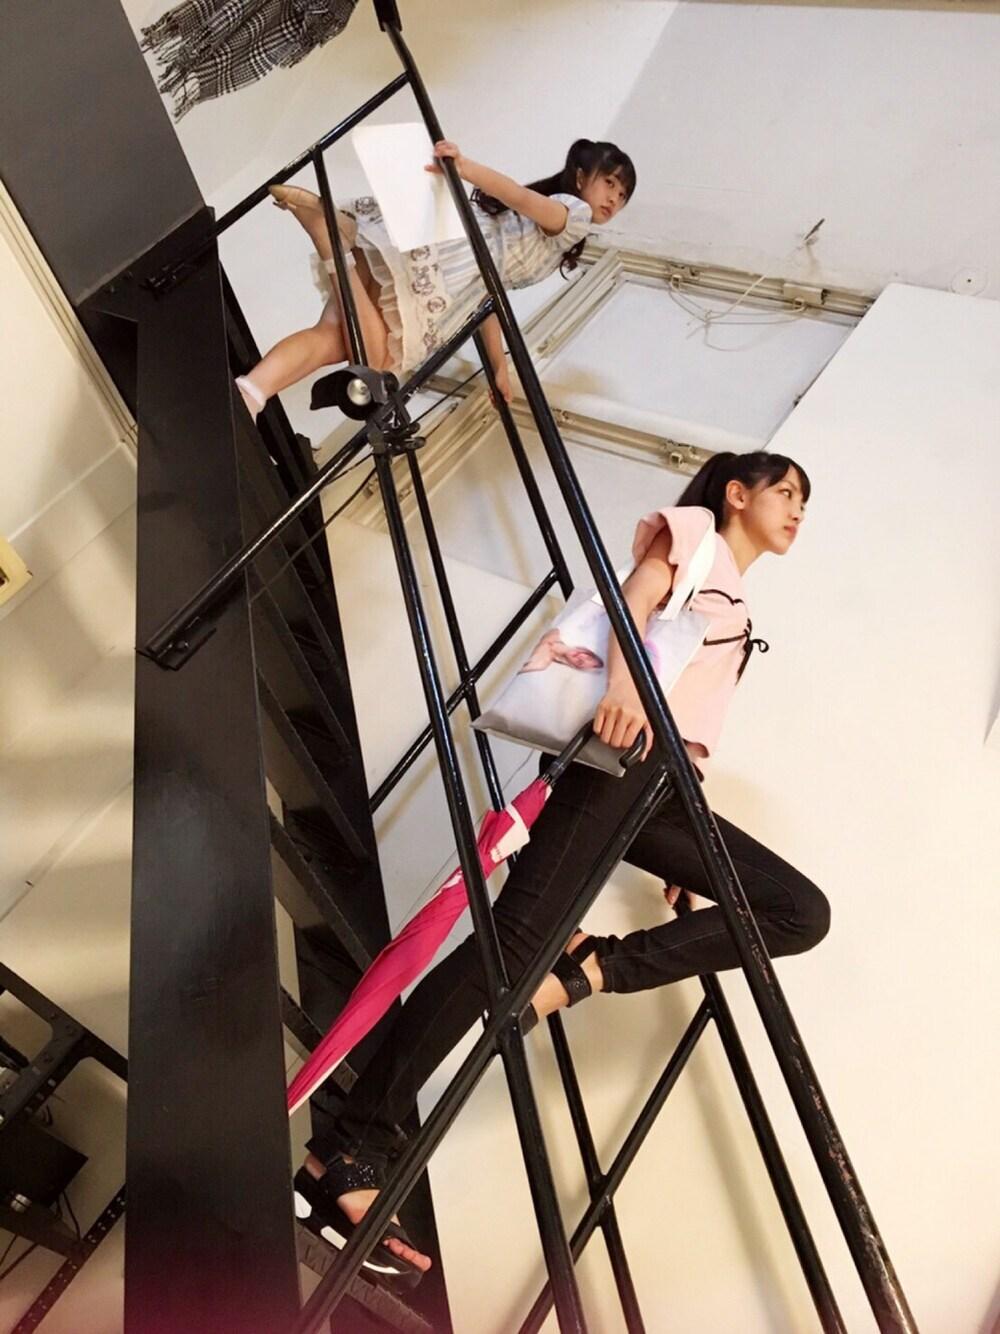 【モーニング娘。10期】 飯窪春菜さんのガーリーなお部屋 【はるなんvol.129】YouTube動画>24本 ->画像>905枚